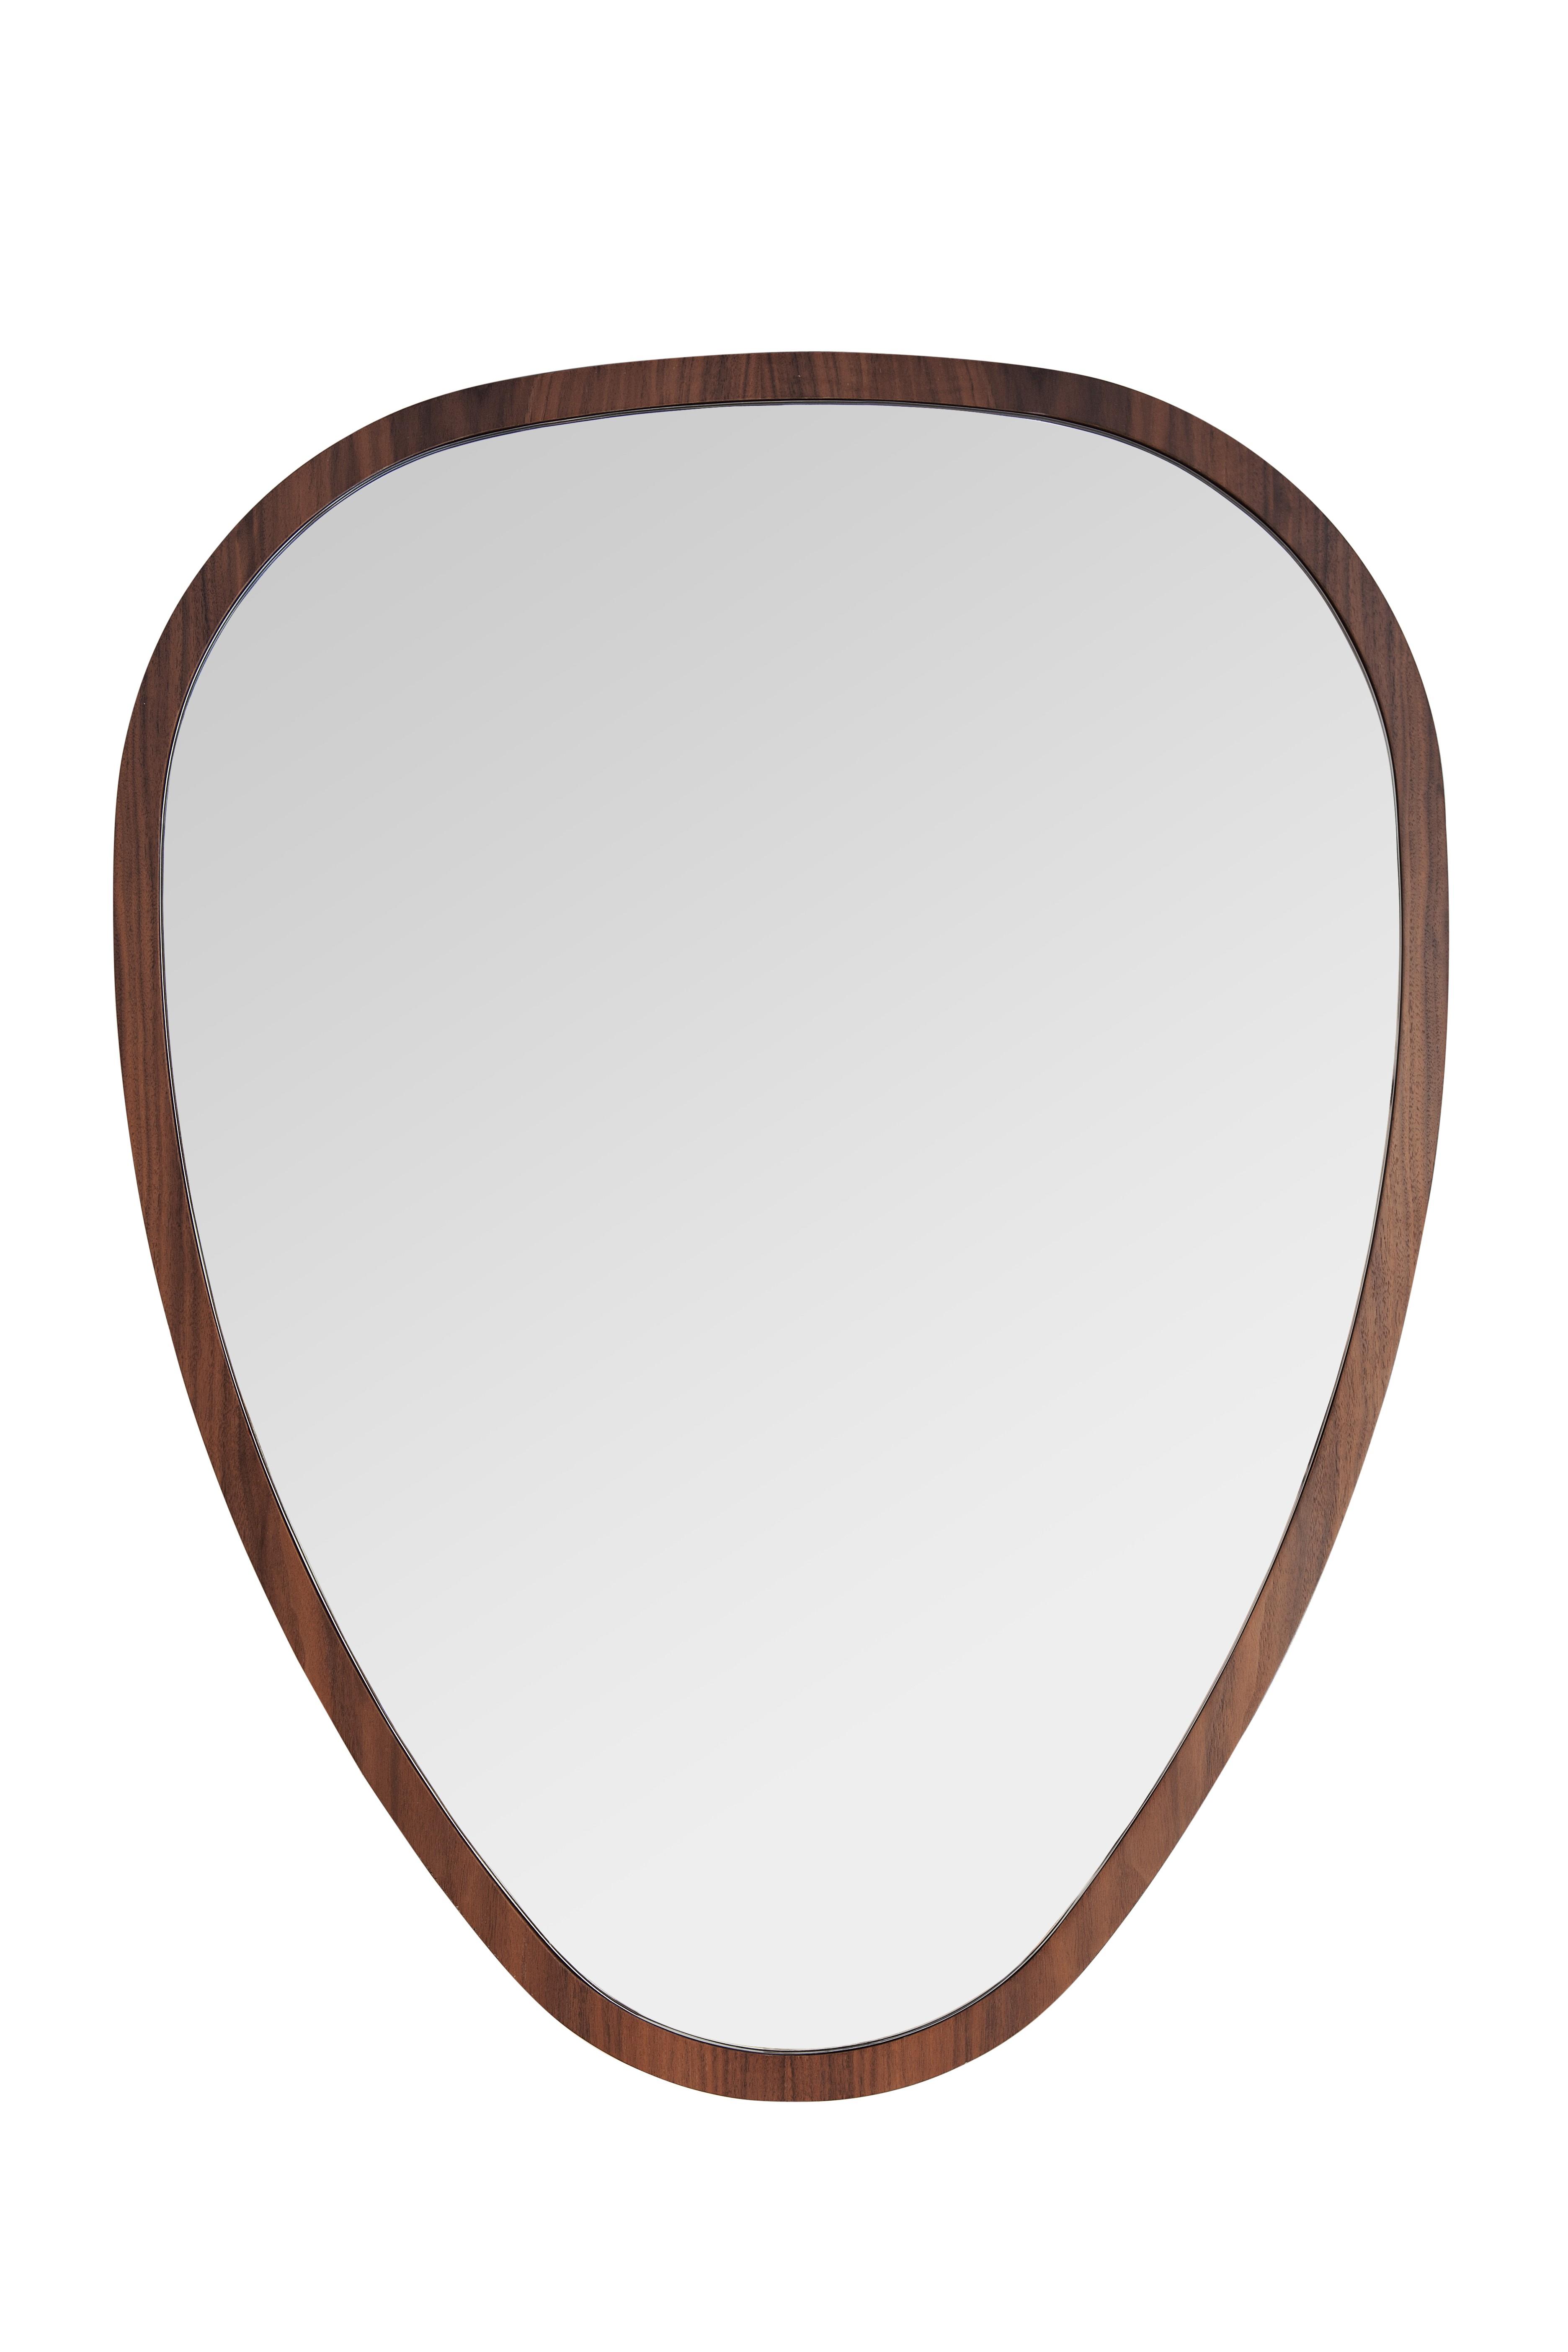 Miroir ovo de sarah lavoine 50 x 38 noyer - Miroir sarah lavoine ...